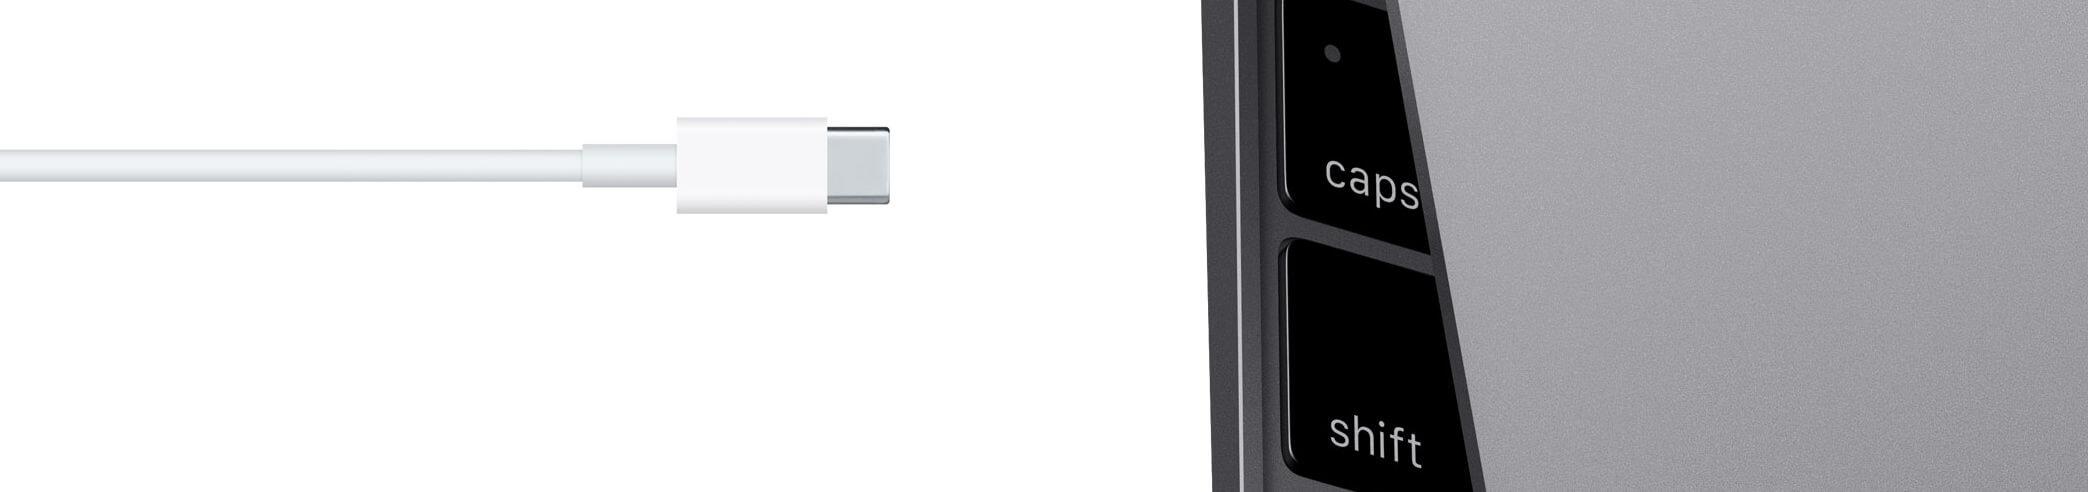 kabel macbook